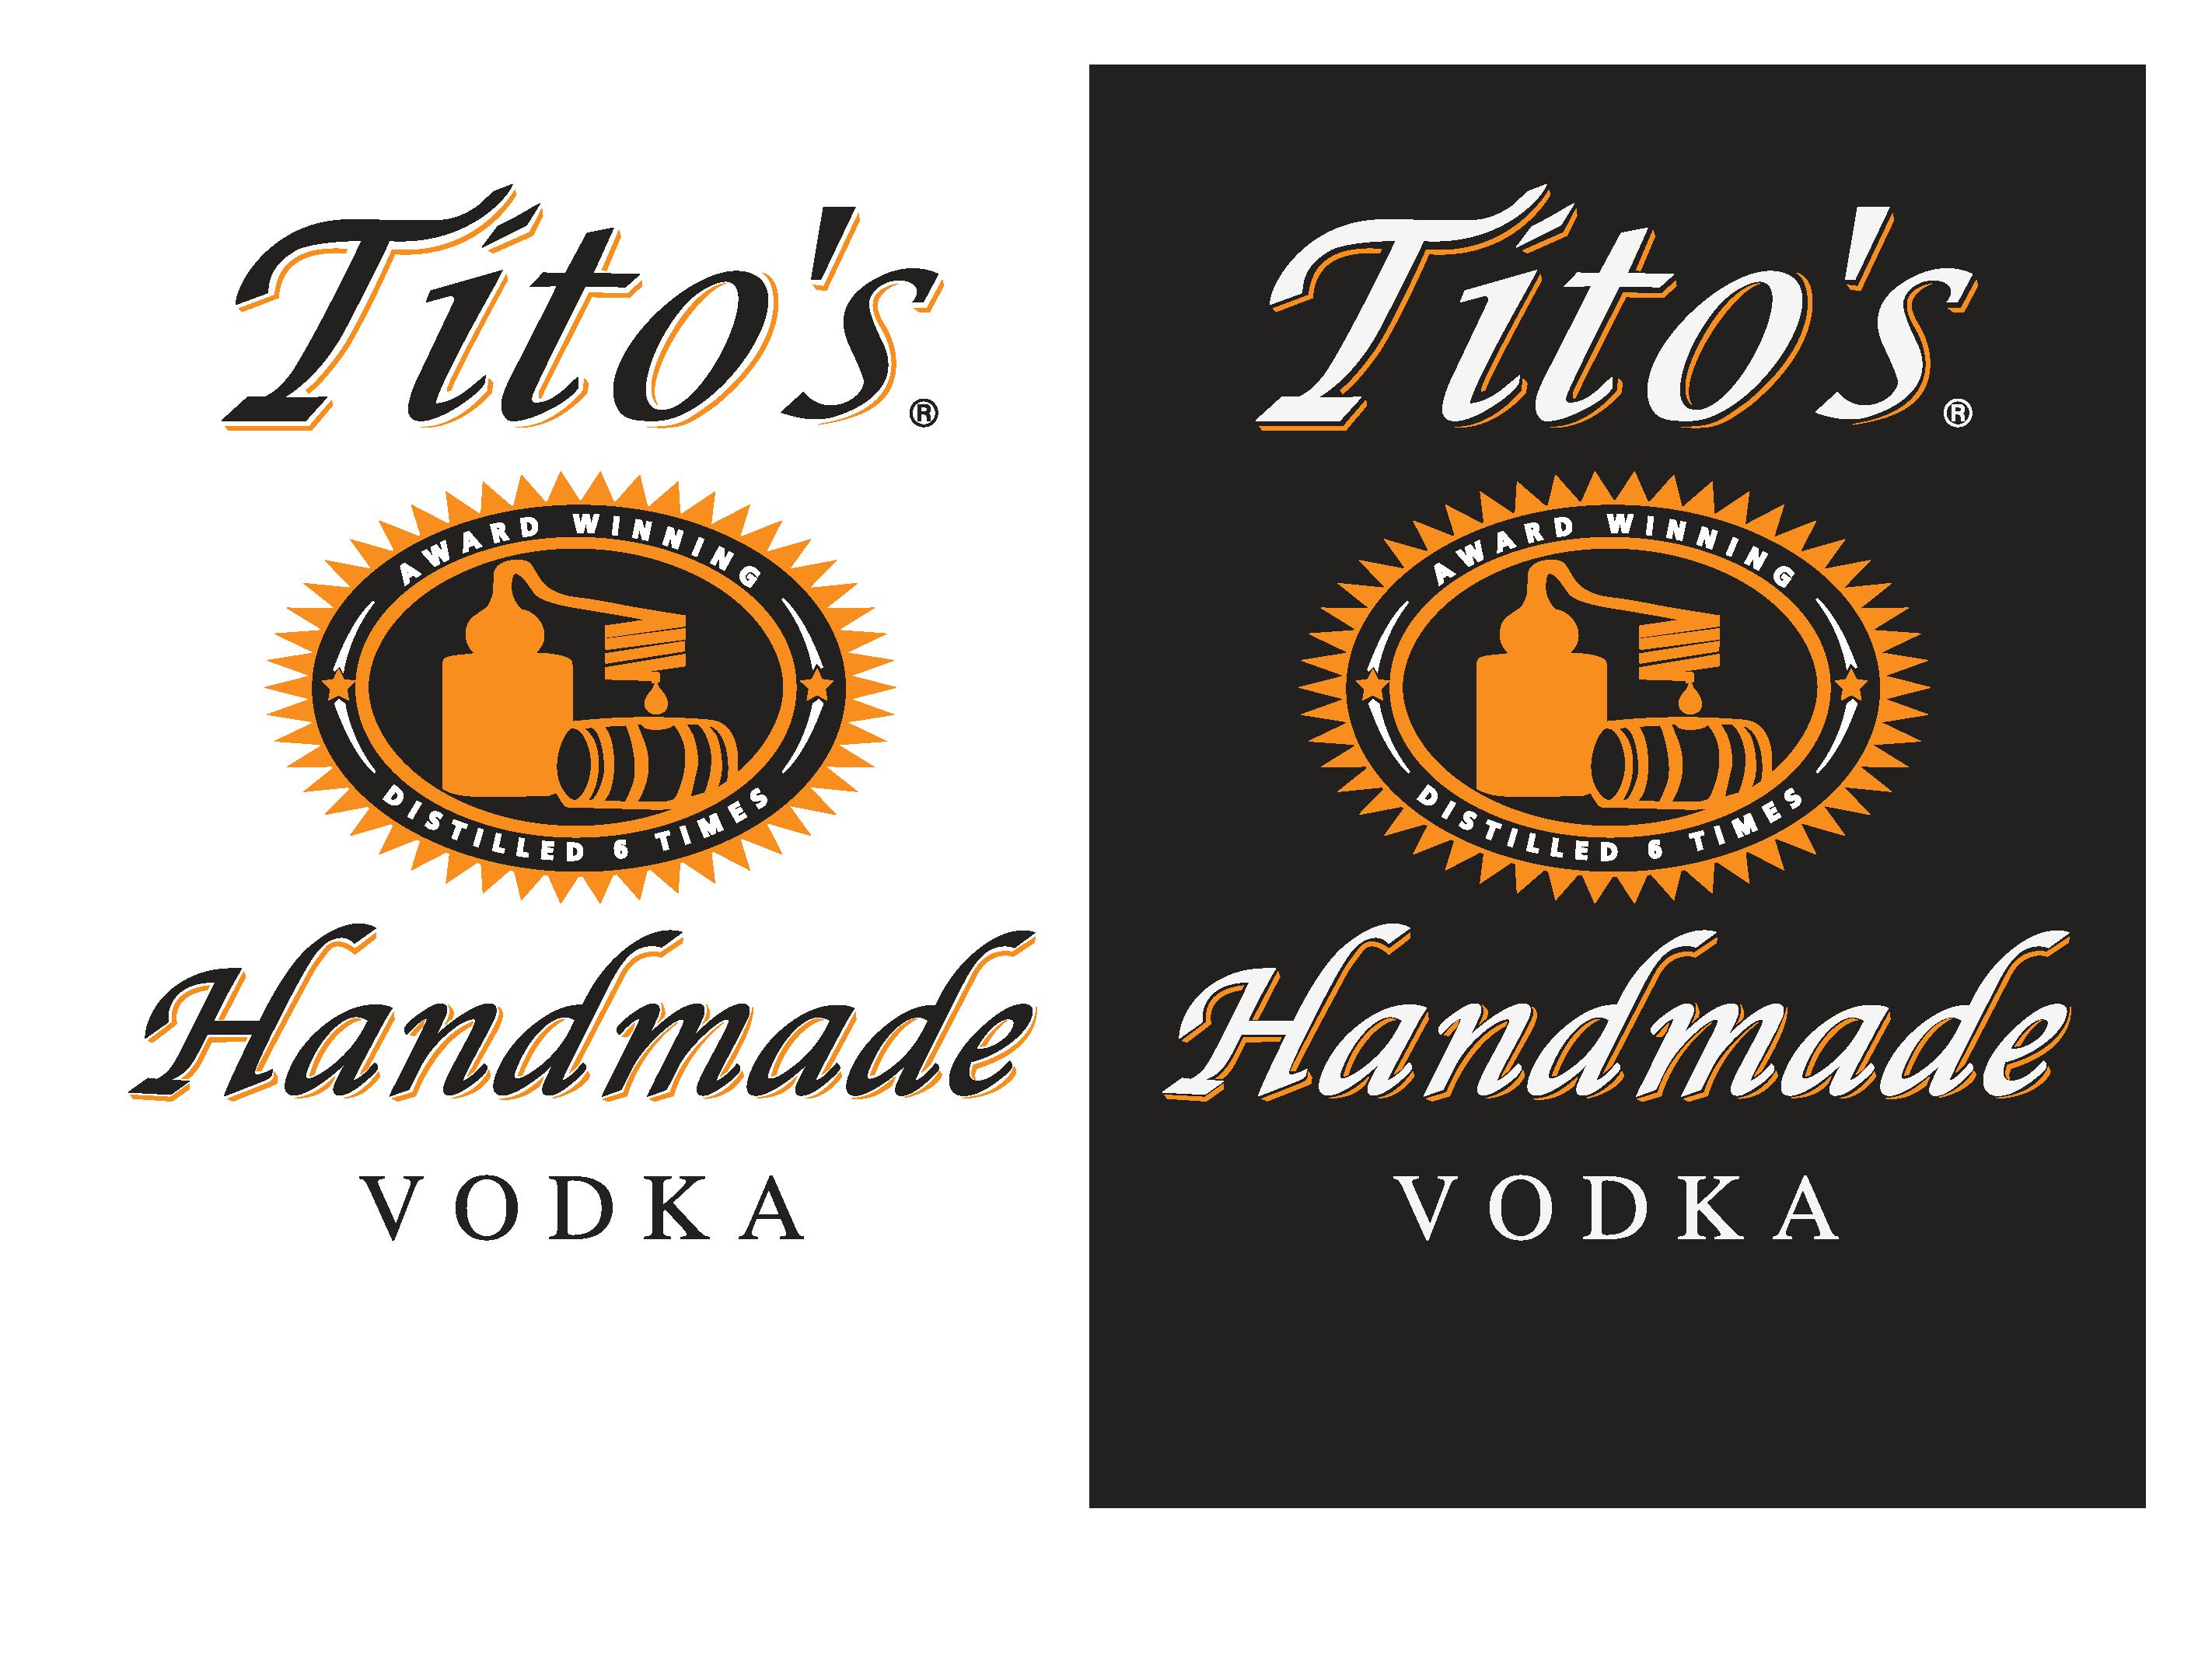 Titos Vodka